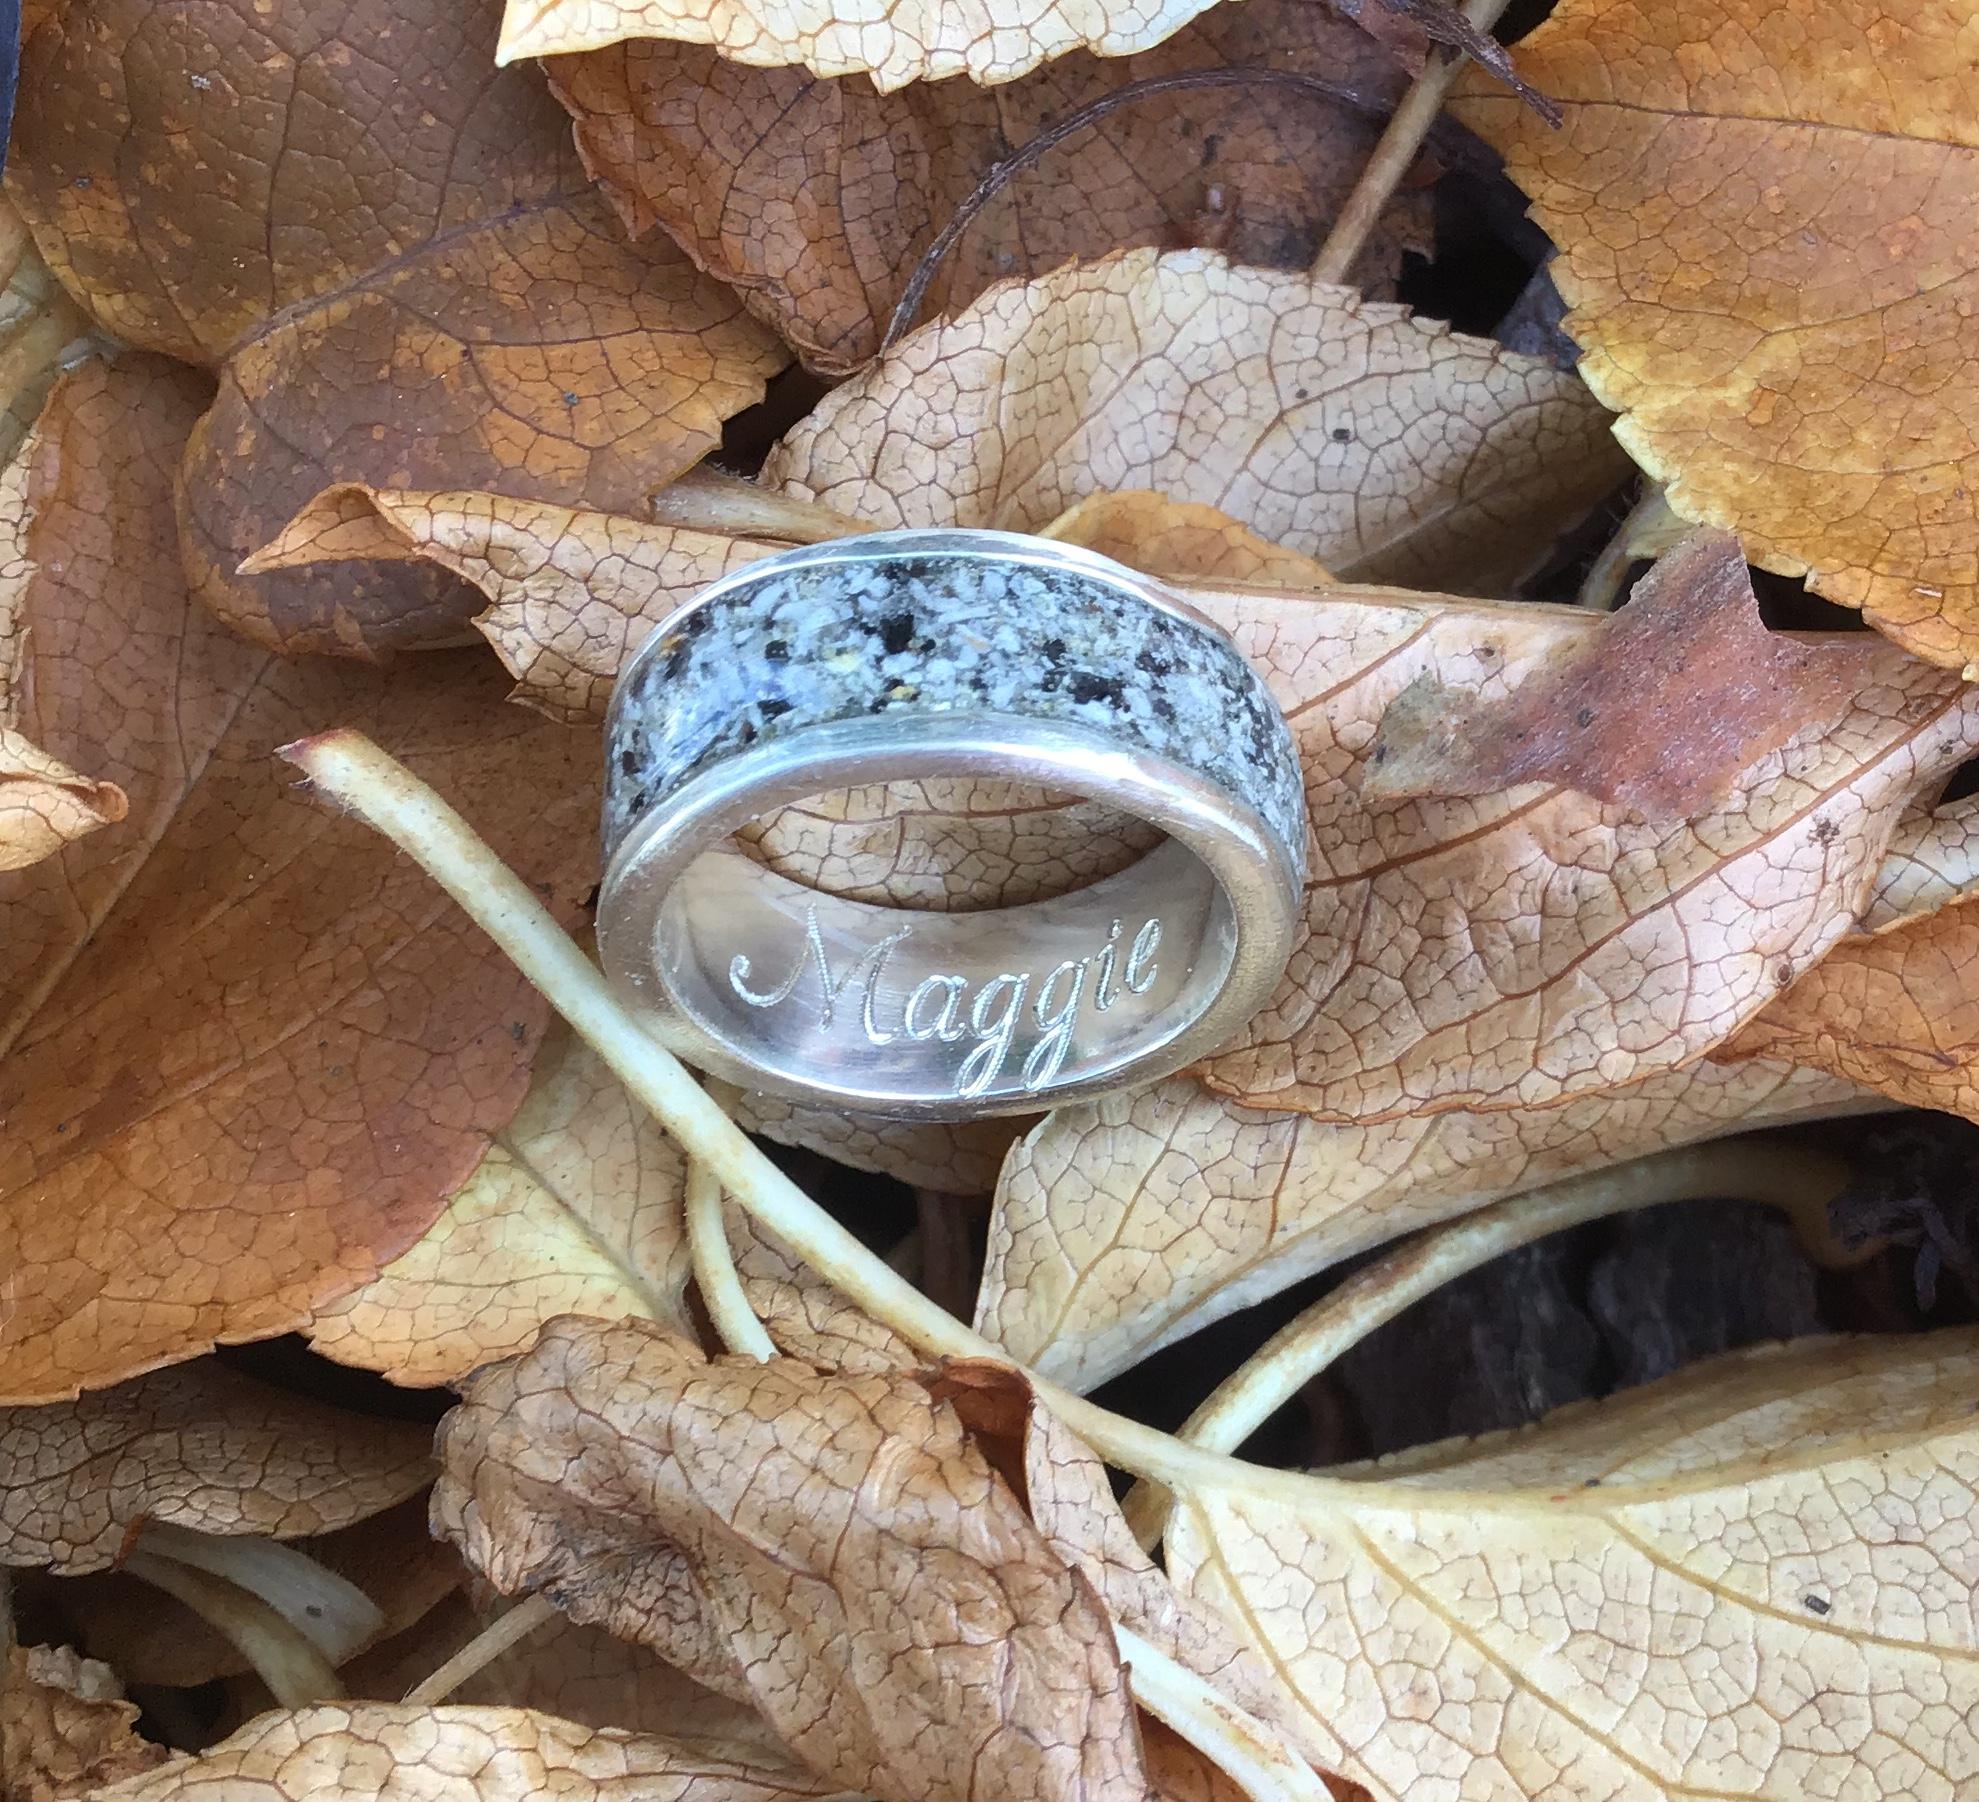 Breite 925 silberne Ring ,ohne gravur Engel ca 4 cm in Edelstahl * 79,50 Alle angegebenen Preise sind Gesamtpreise (ggf. zzgl. Versandkosten).